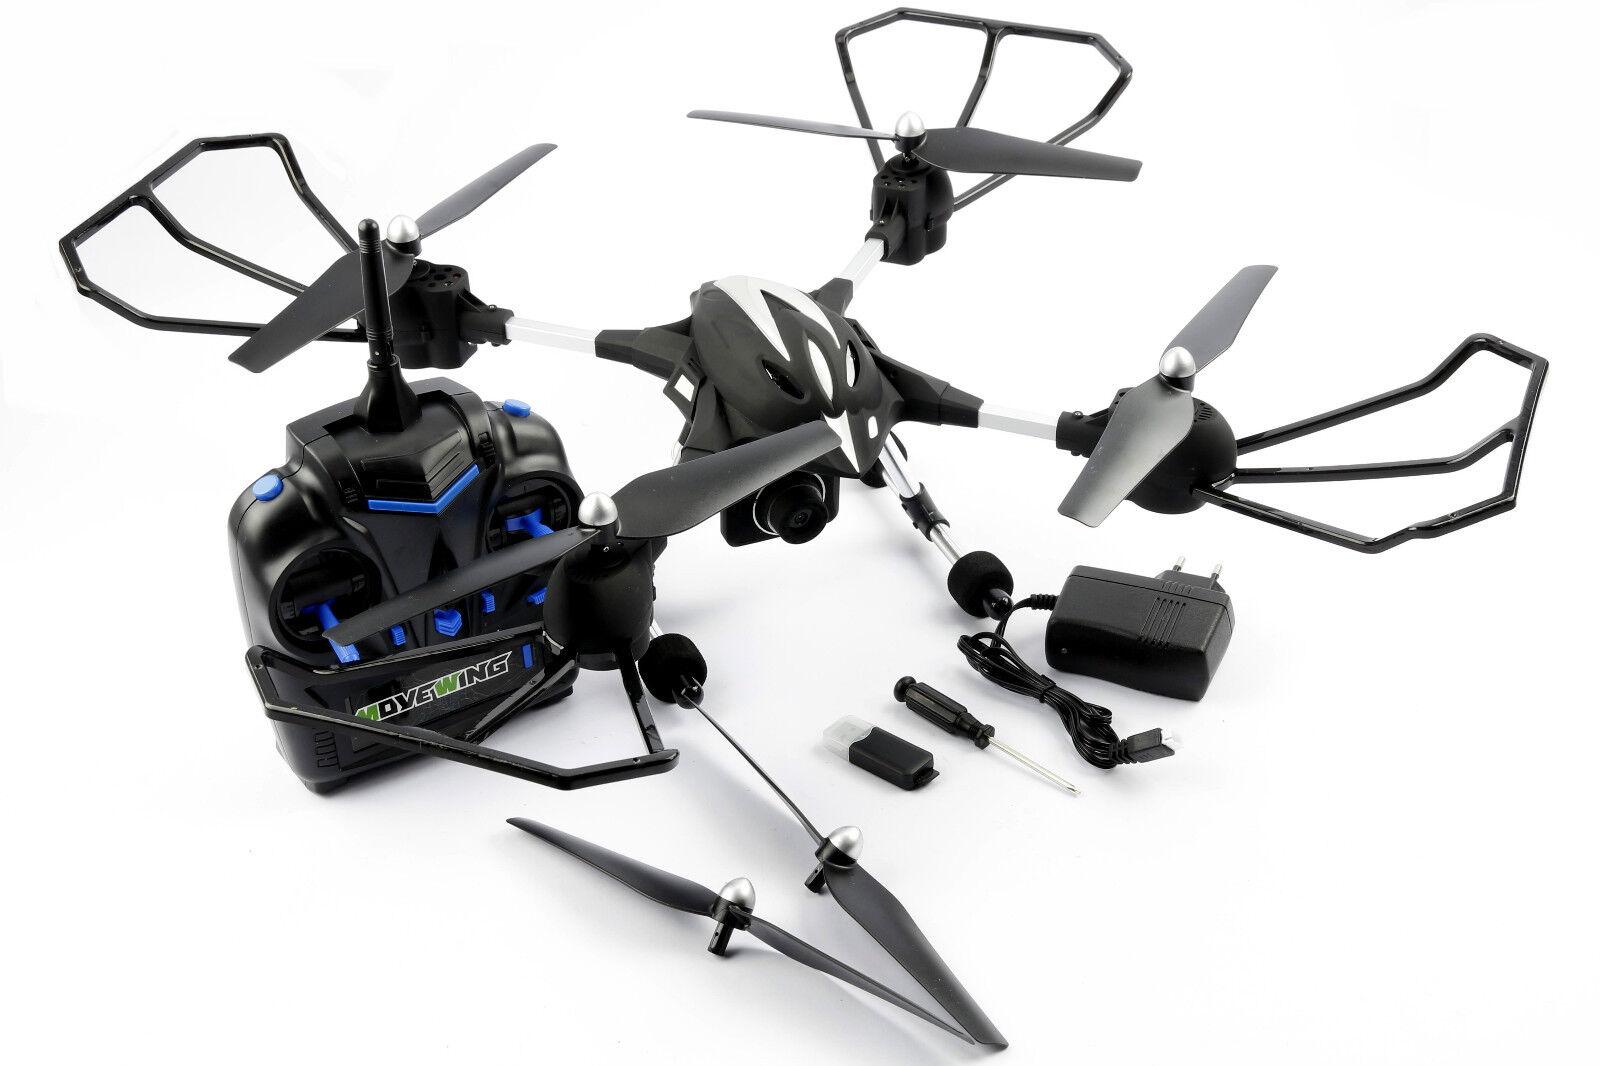 Quadrocopter q019003 3d Action 2.4 GHz drone RC drone set RTF cámara 720p 2216